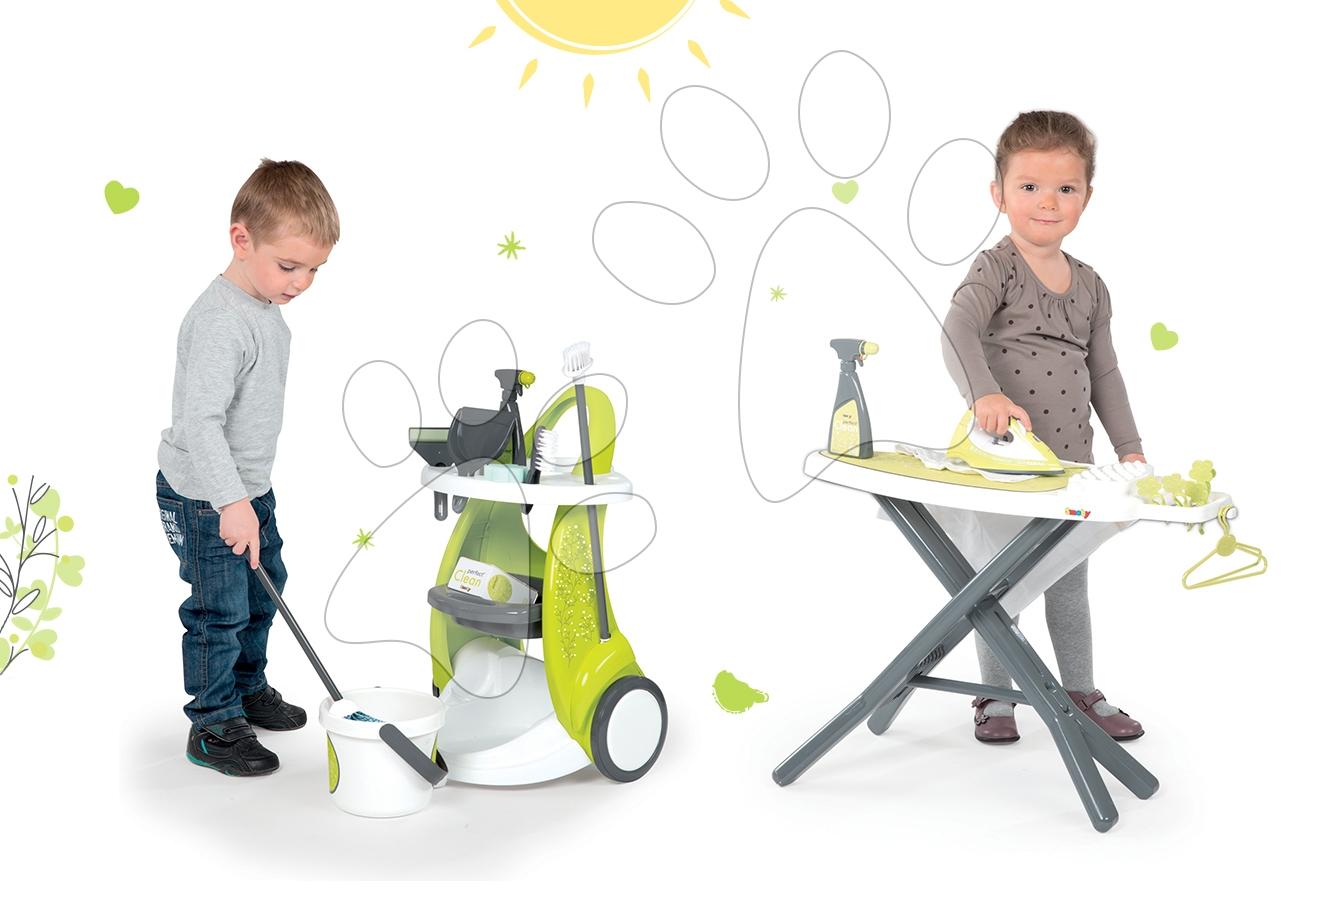 Hry na domácnosť - Set upratovací vozík Clean Service Smoby a žehliaca doska s elektronickou žehličkou Clean